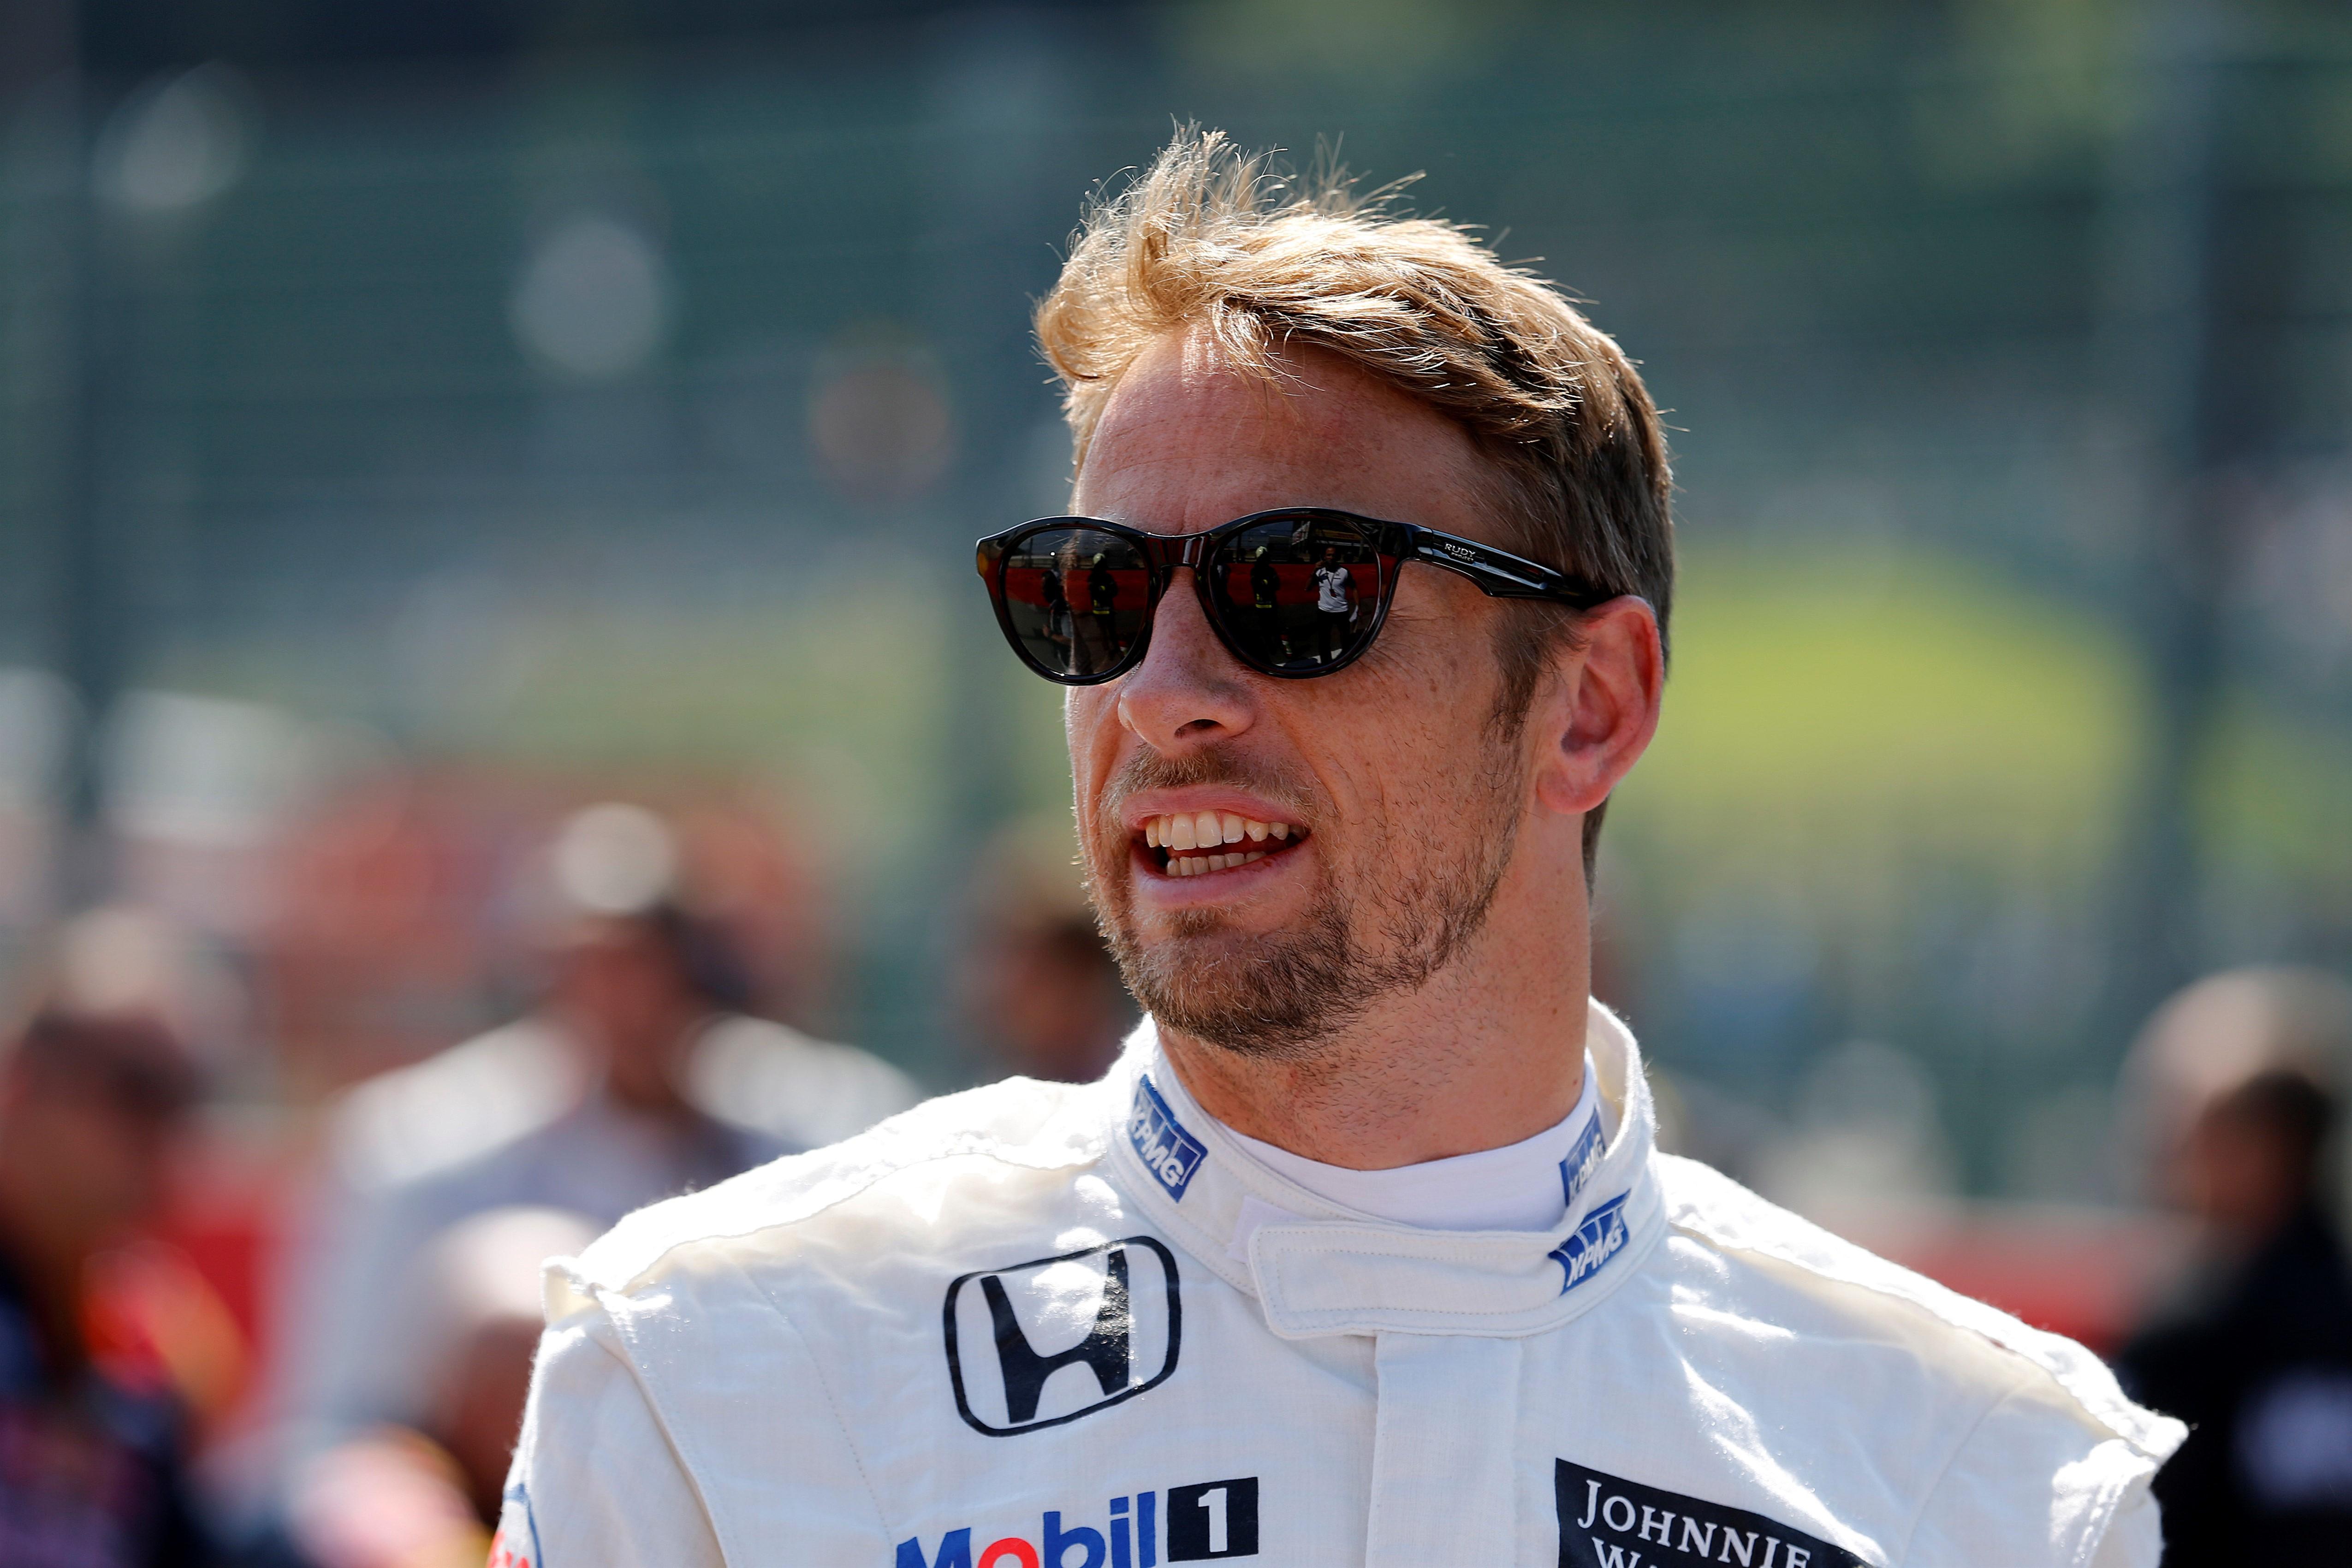 Sokaknak lesújtó hírt közölt az autósport jövőjéről az F1 világbajnoka